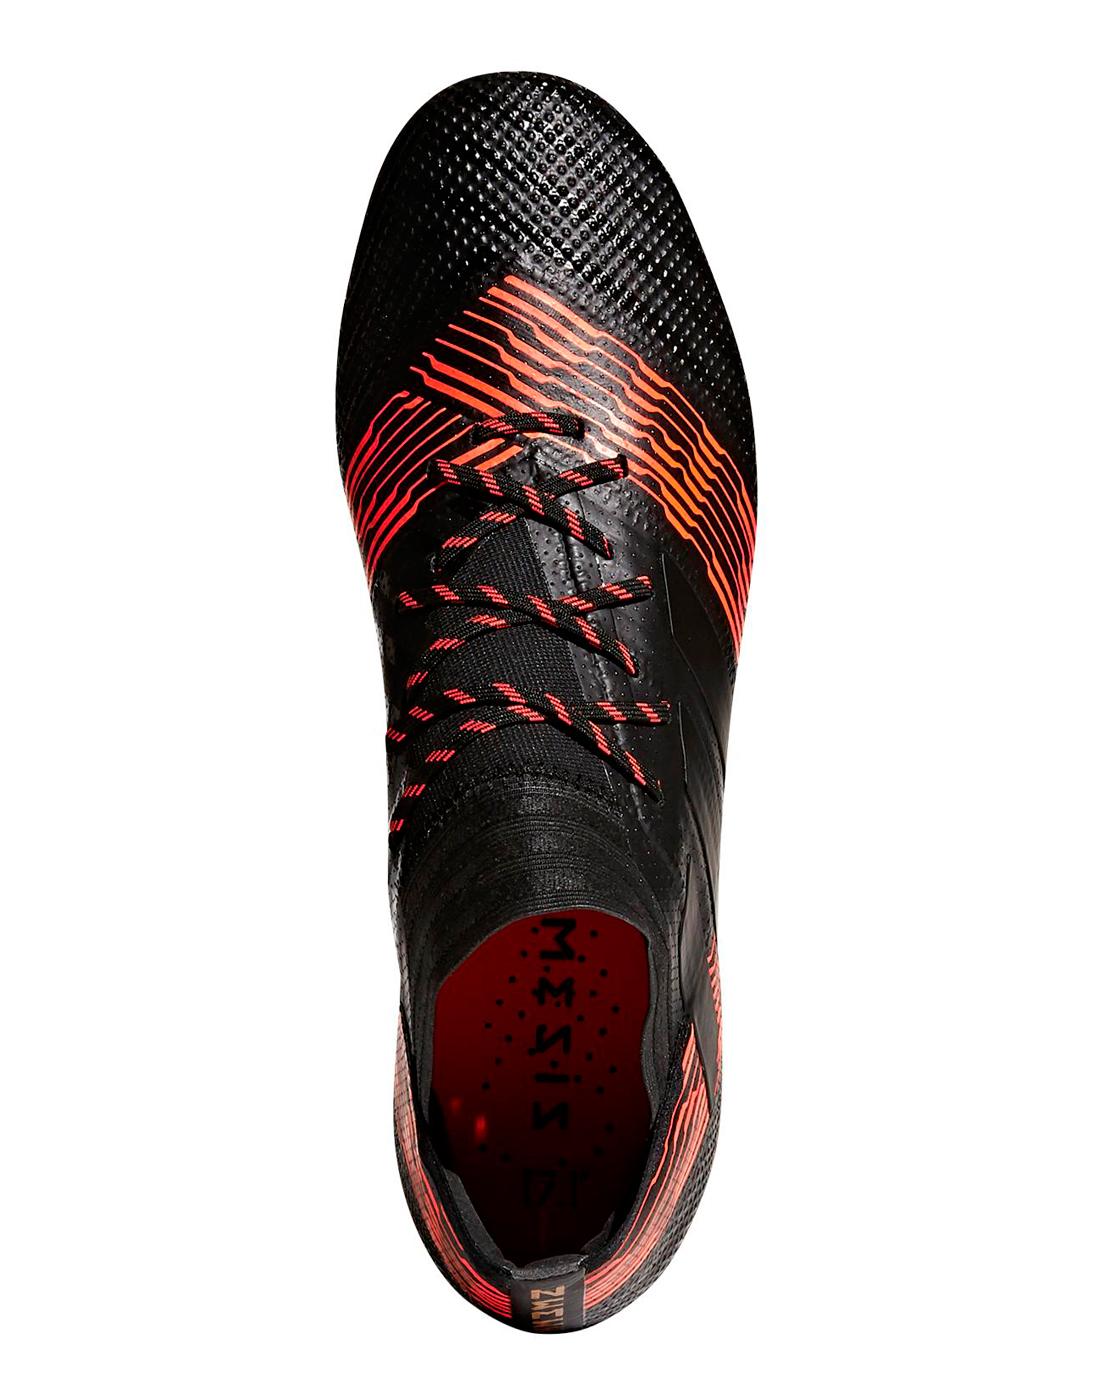 bbcbd34a6 adidas Adult Nemeziz 17.1 FG Skystalker | Life Style Sports